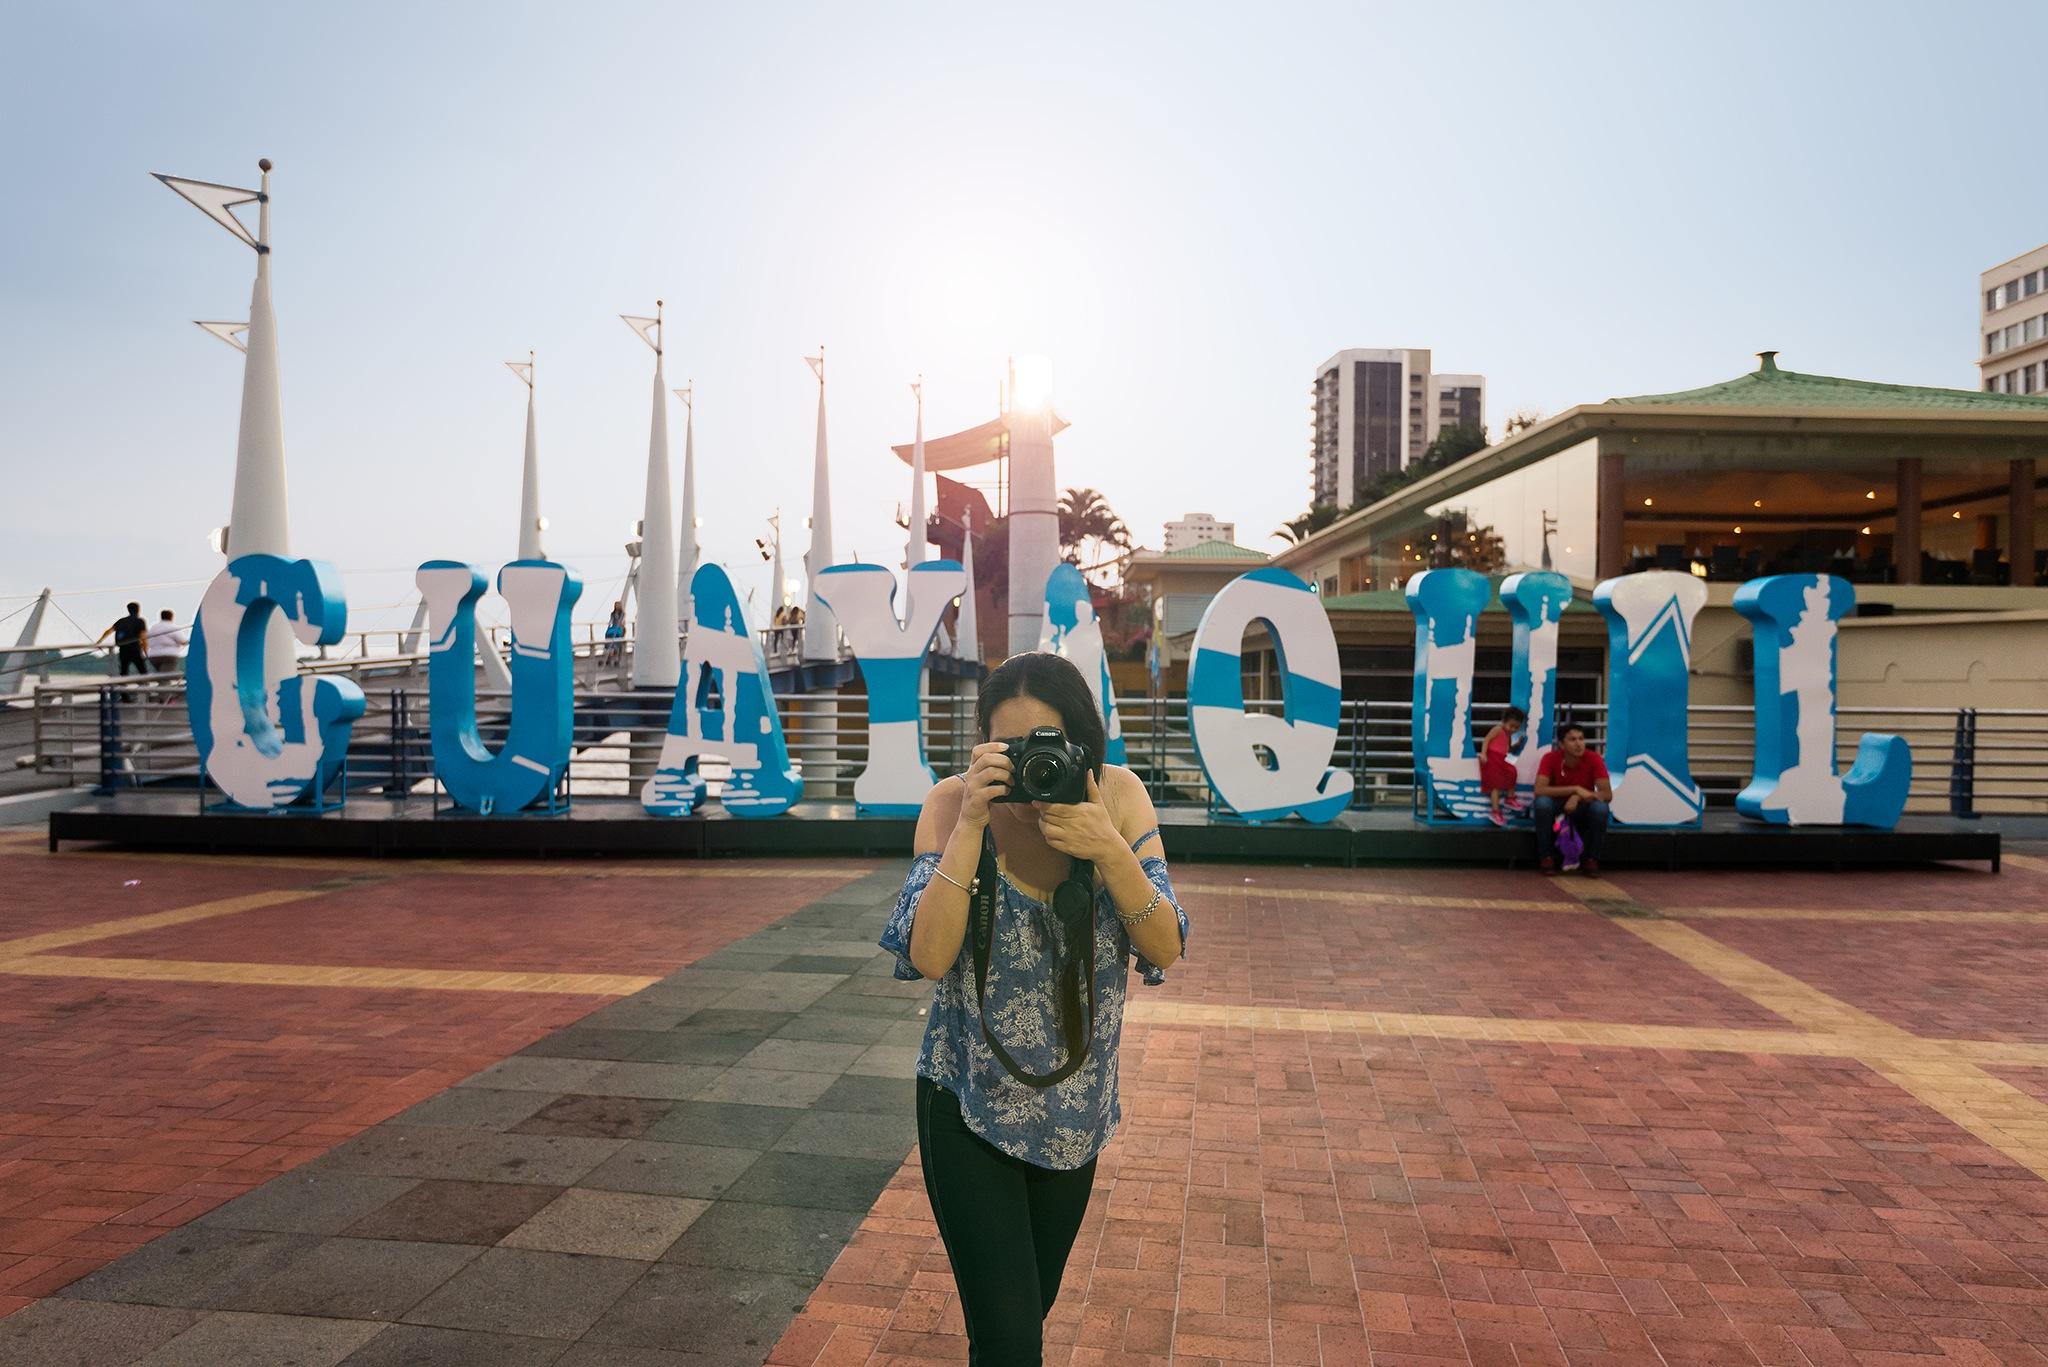 Recorre Guayaquil en 24 horas